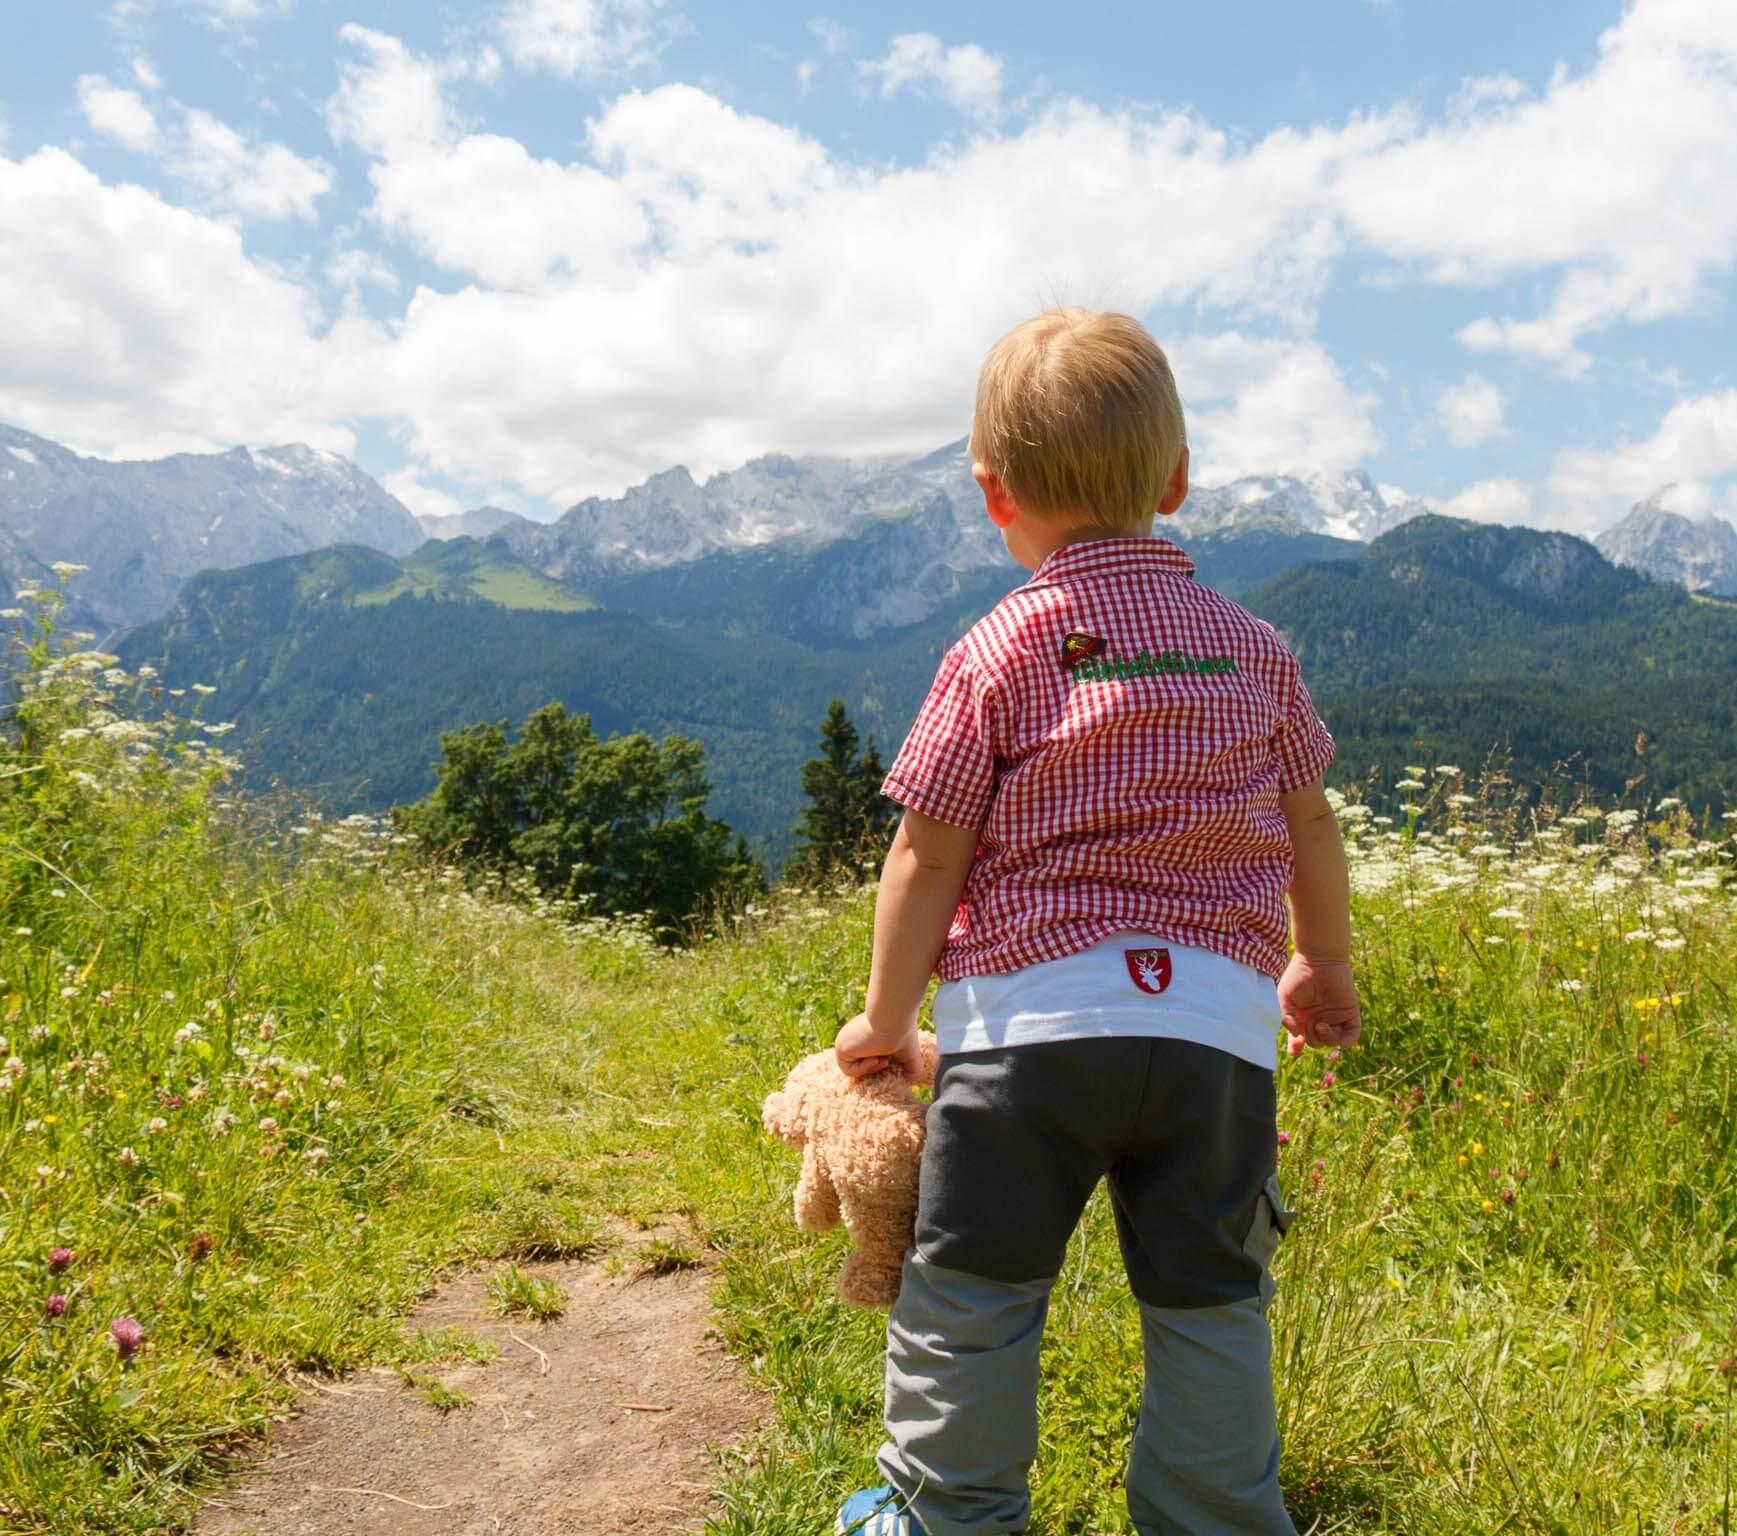 Kategorie - Mit Kindern auf Outdoor-Abenteuer